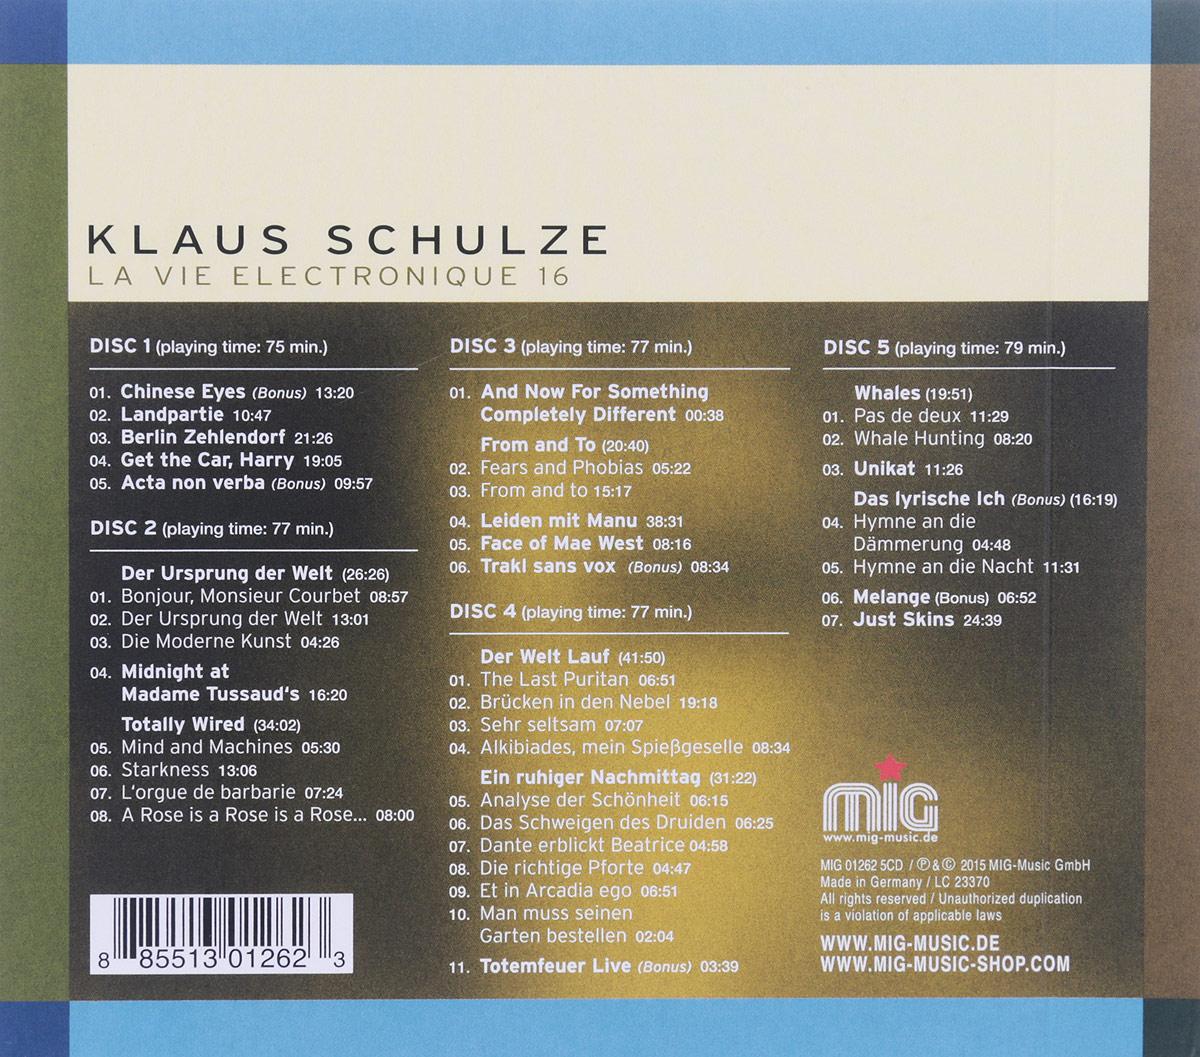 Klaus Schulze.  La Vie Electronique 16 (5 CD) MIG-Music,Волтэкс-инвест